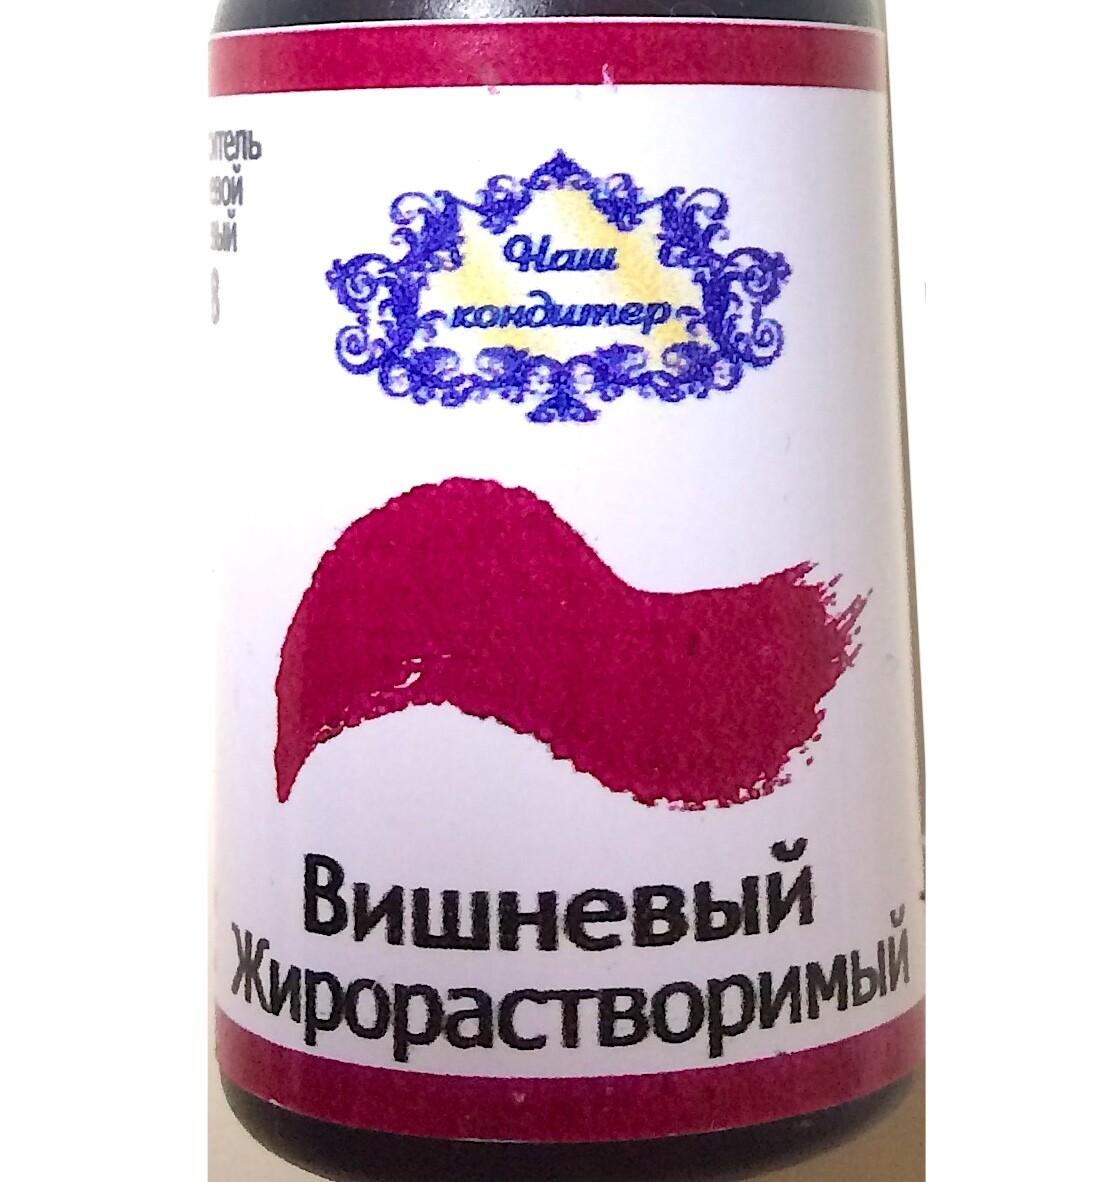 Краситель гелевый ЖИРОрастворимый 20 гр.